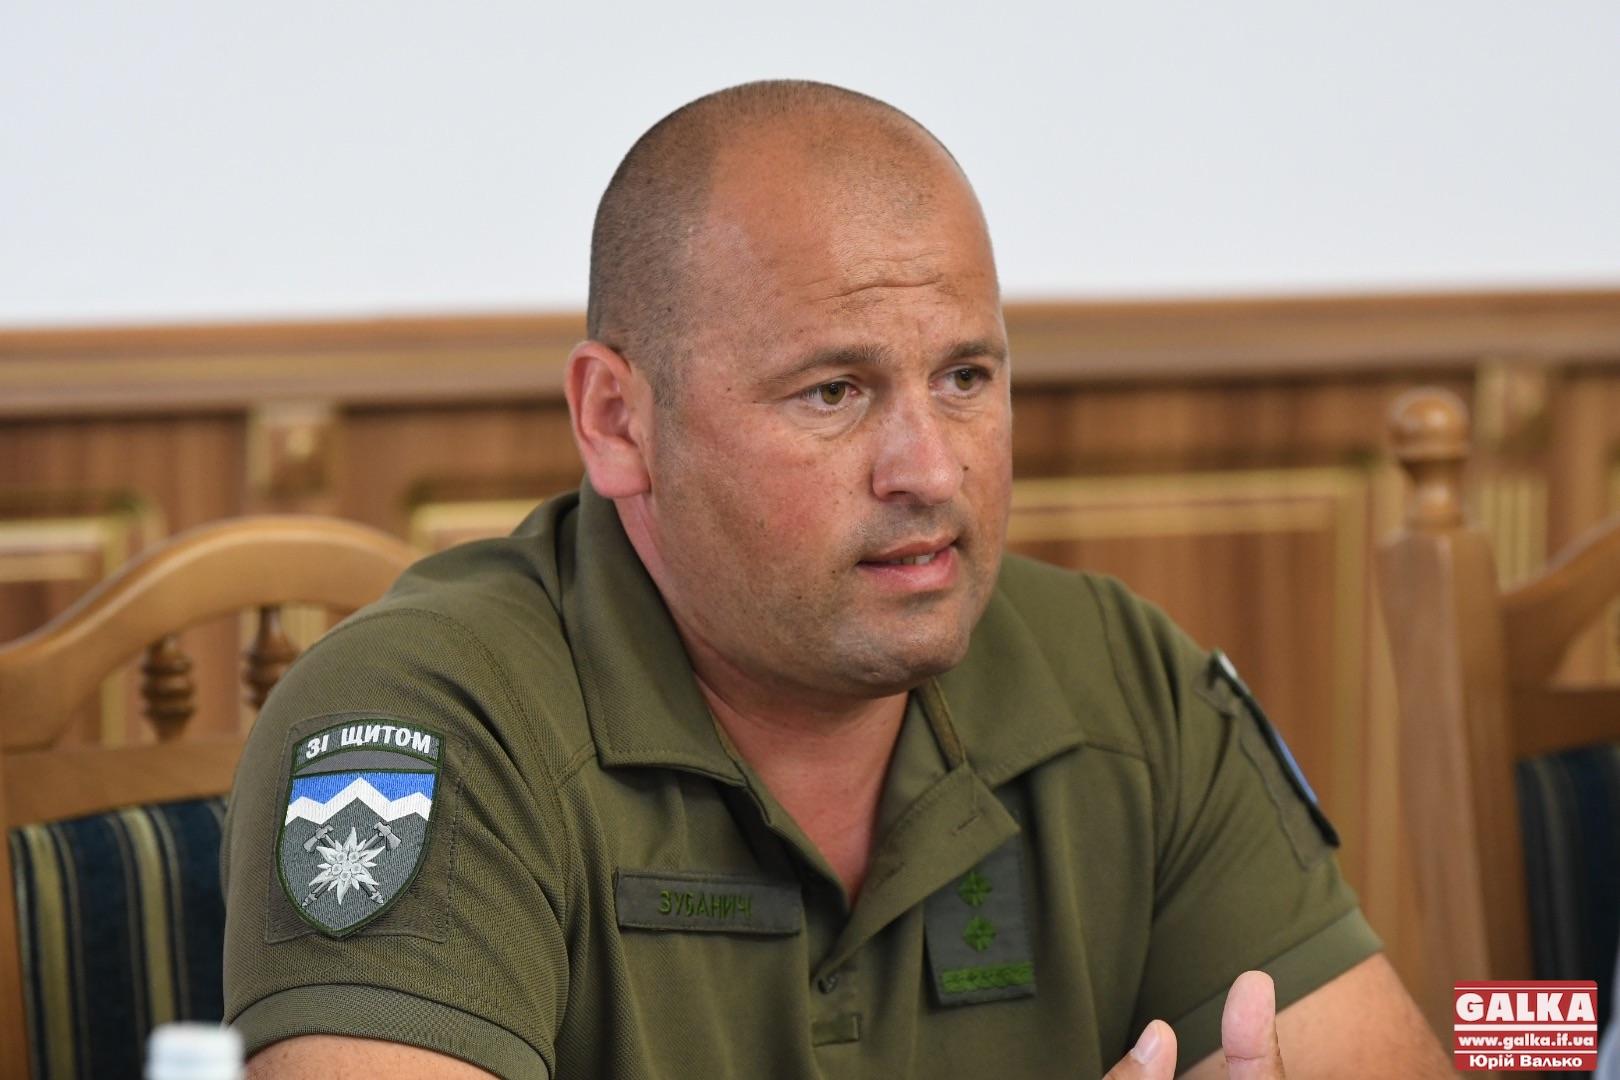 Герой України Василь Зубанич залишив посаду командира 10-ої гірсько-штурмової бригади